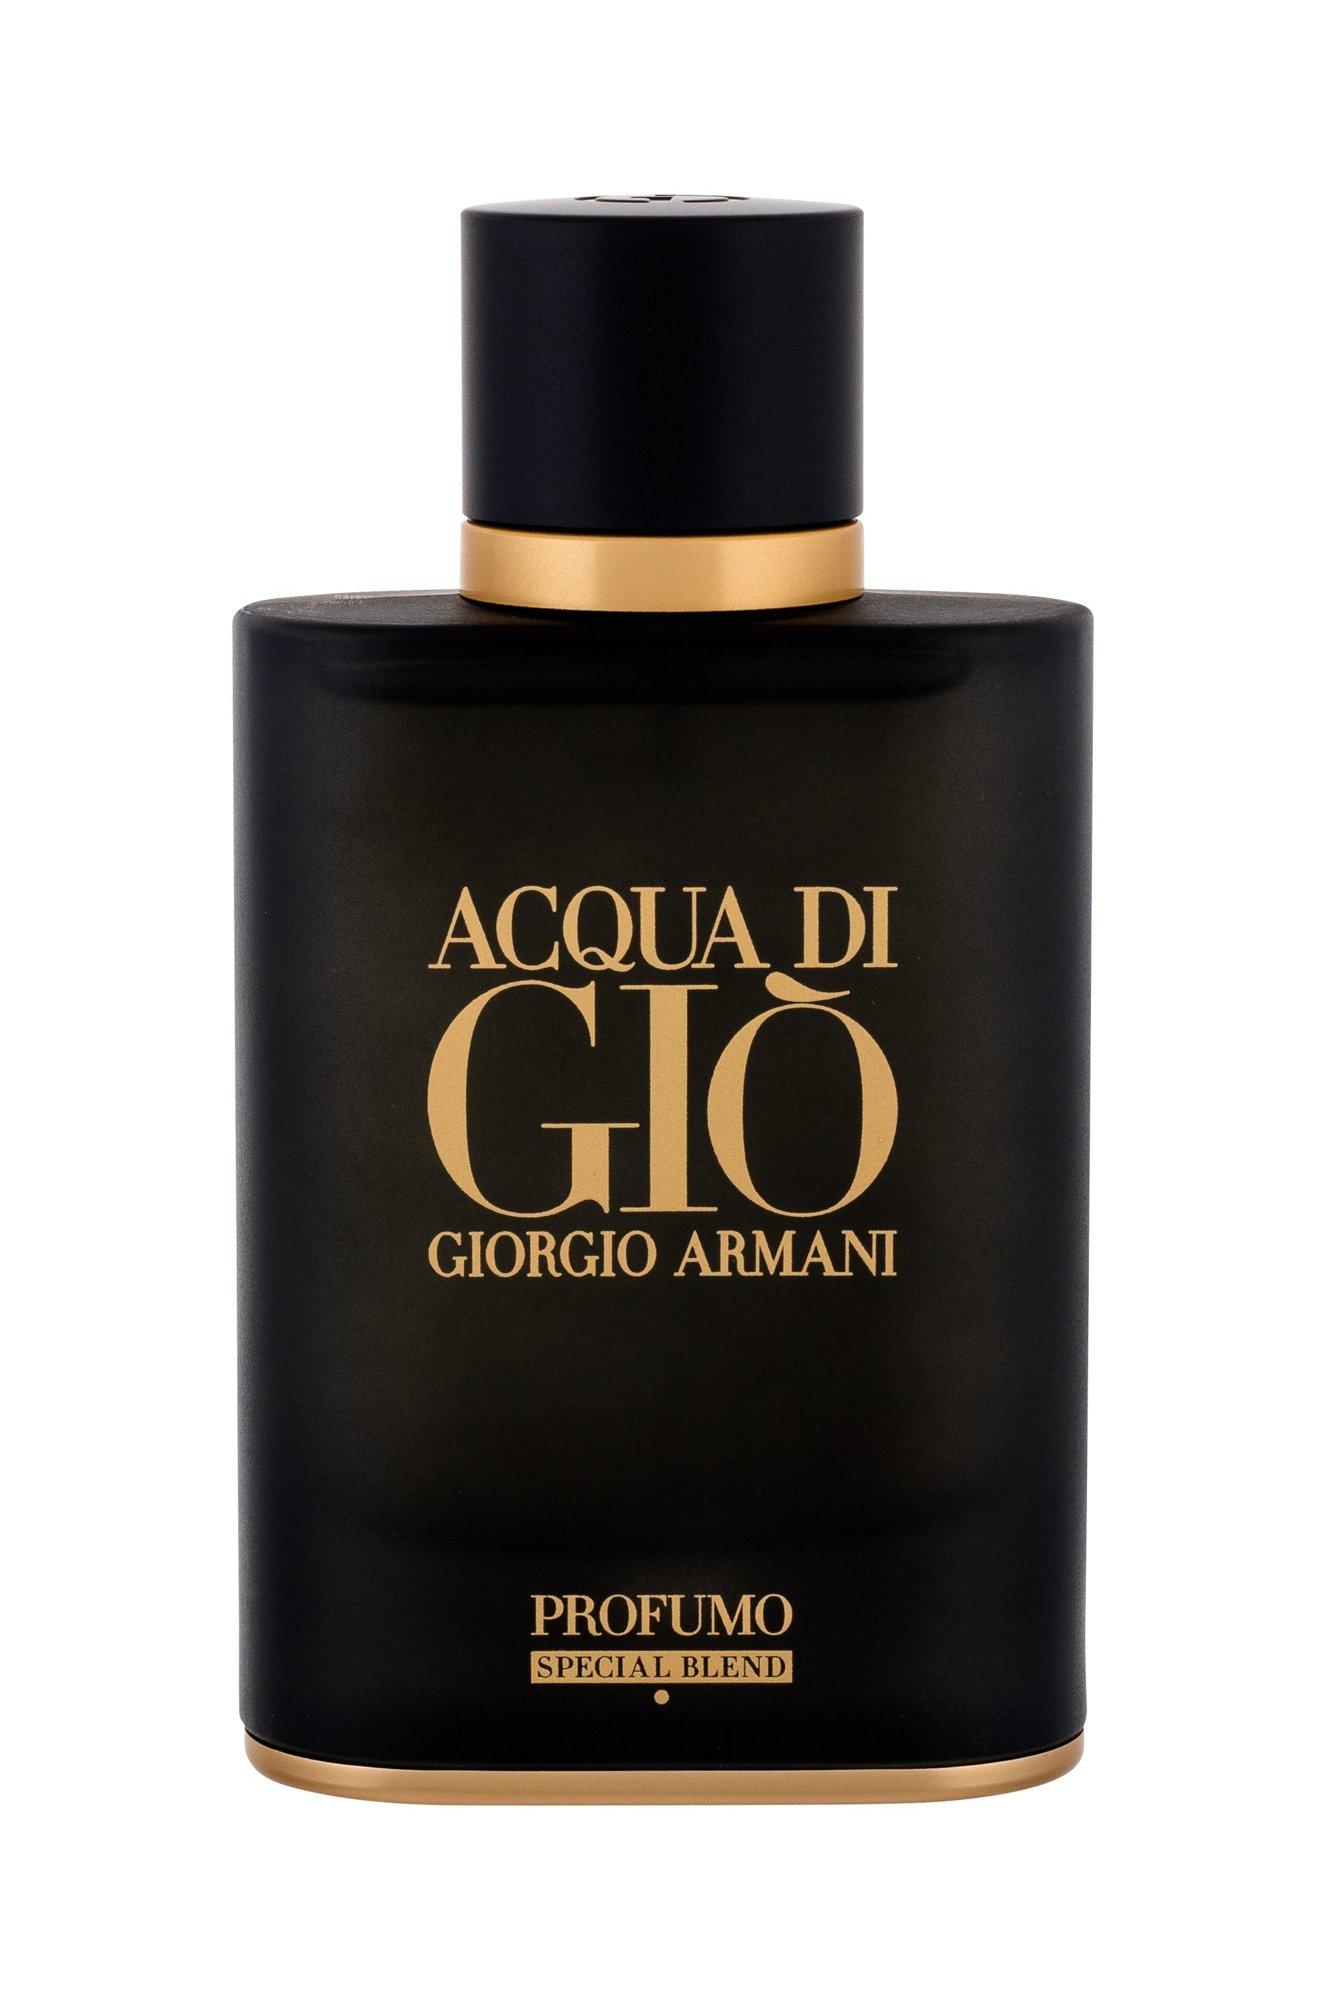 Giorgio Armani Acqua di Gio Profumo Eau de Parfum 75ml  Special Blend